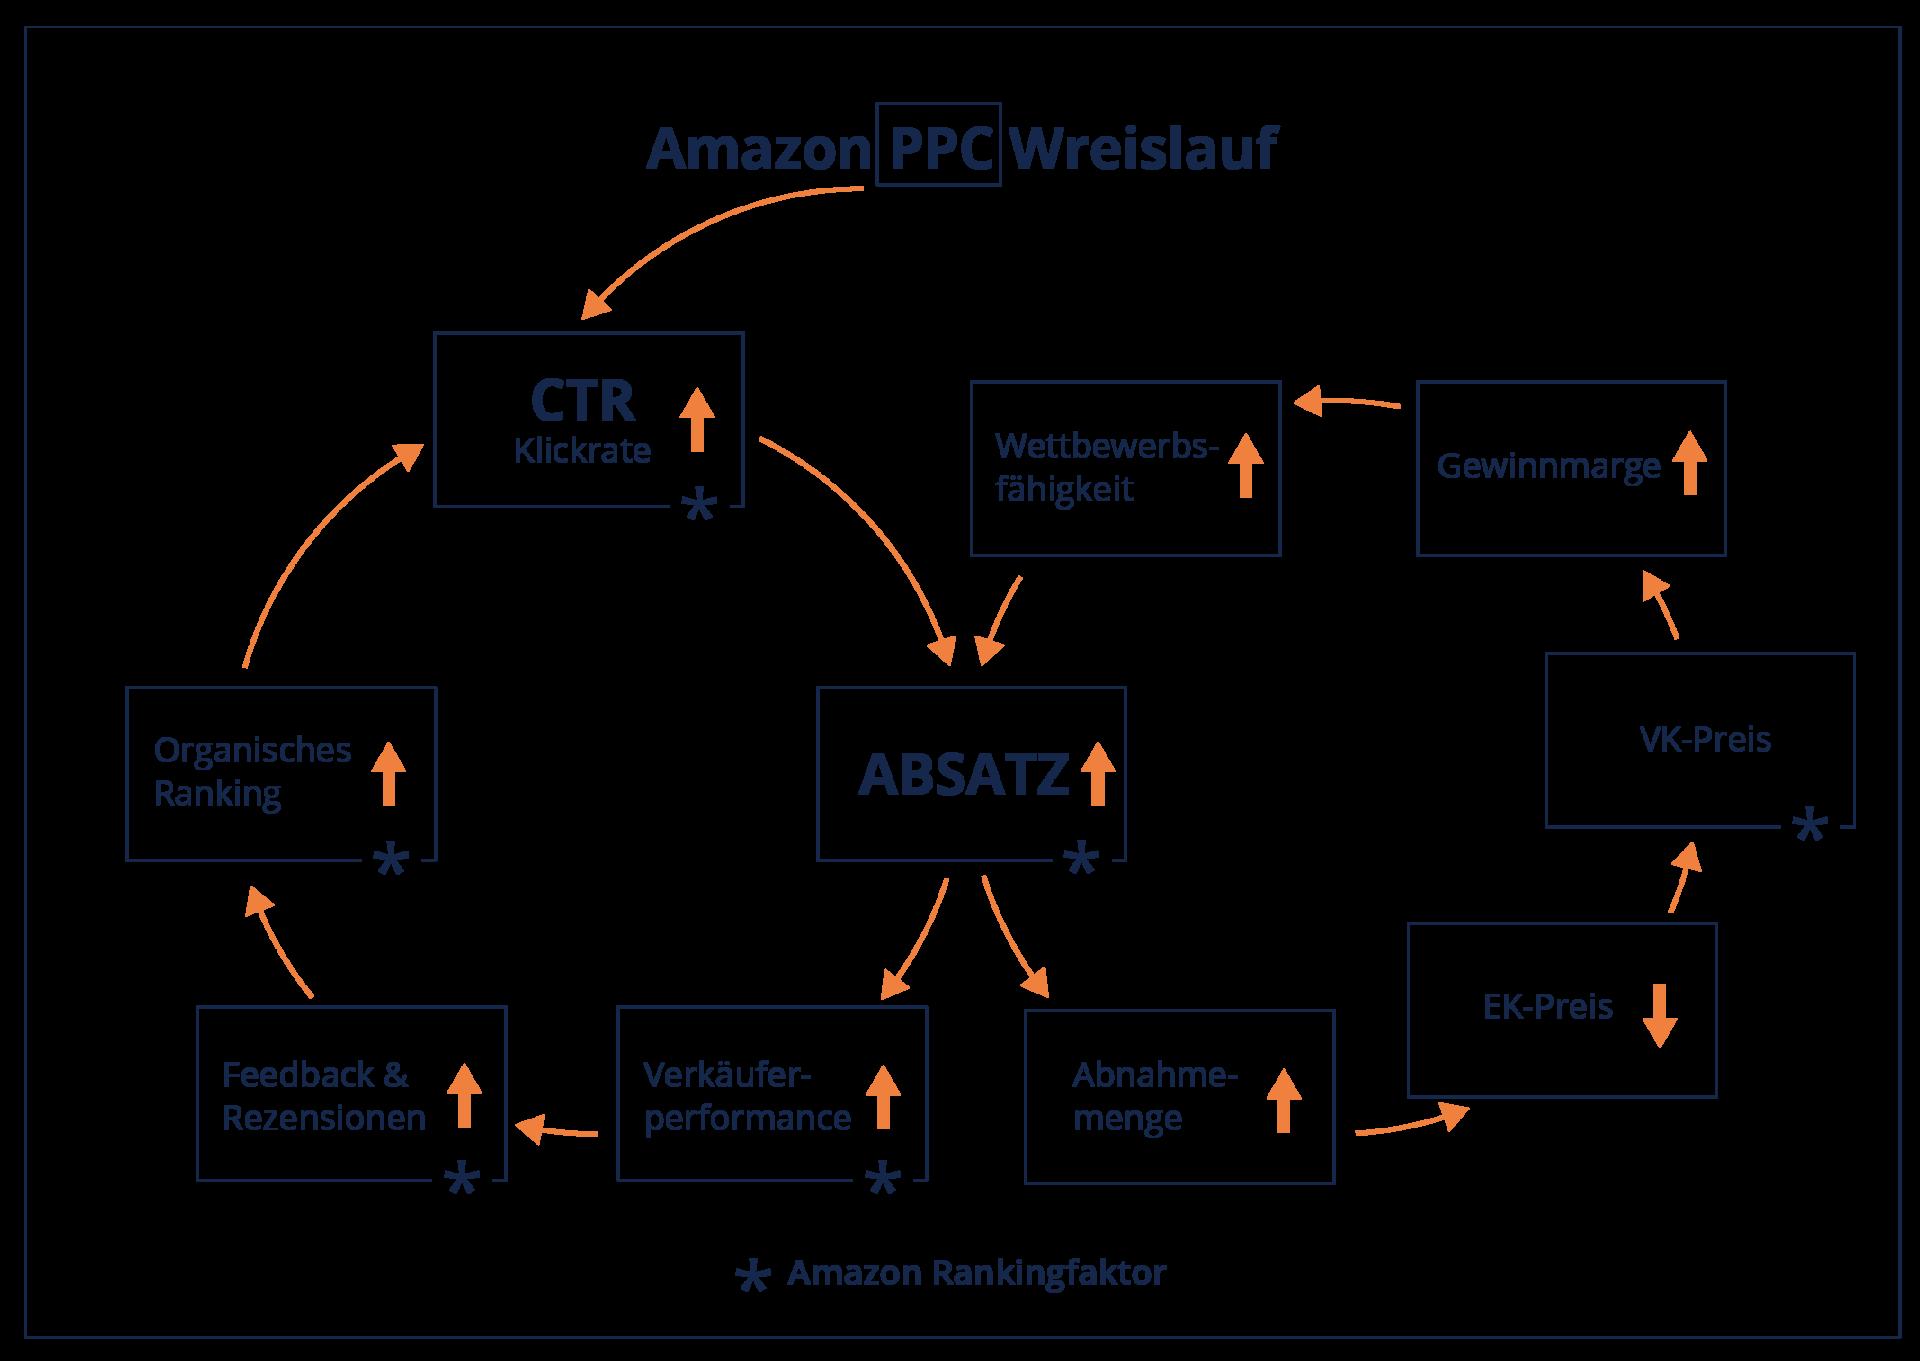 Amazon PPC Kreislauf